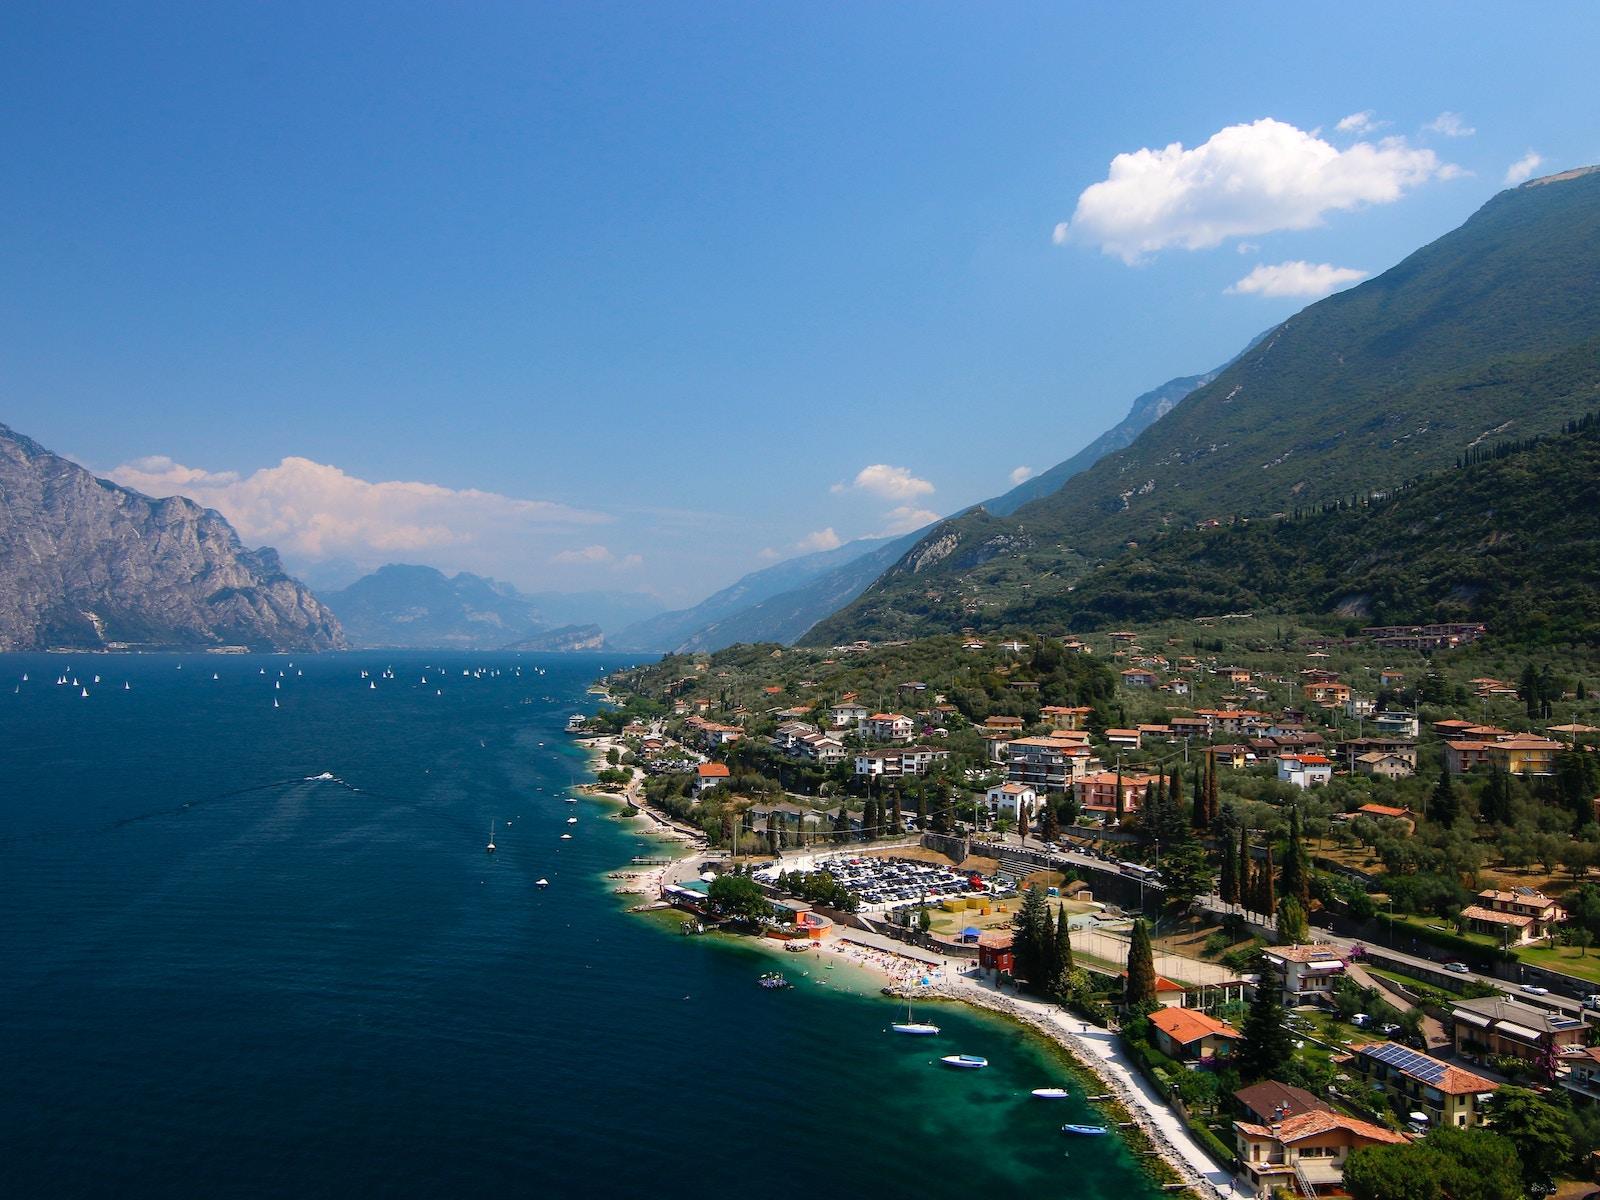 vaarvakantie in Italië